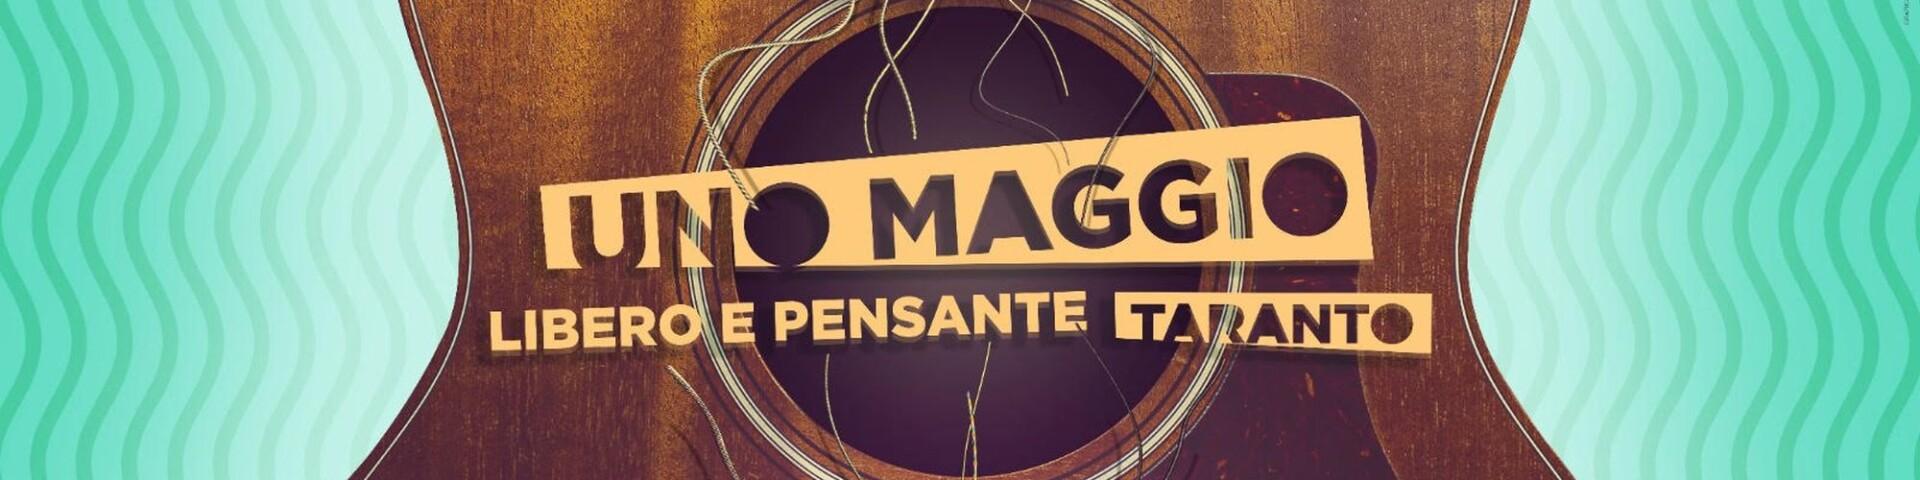 Uno Maggio Libero e Pensante 2021: Taranto ferma la musica